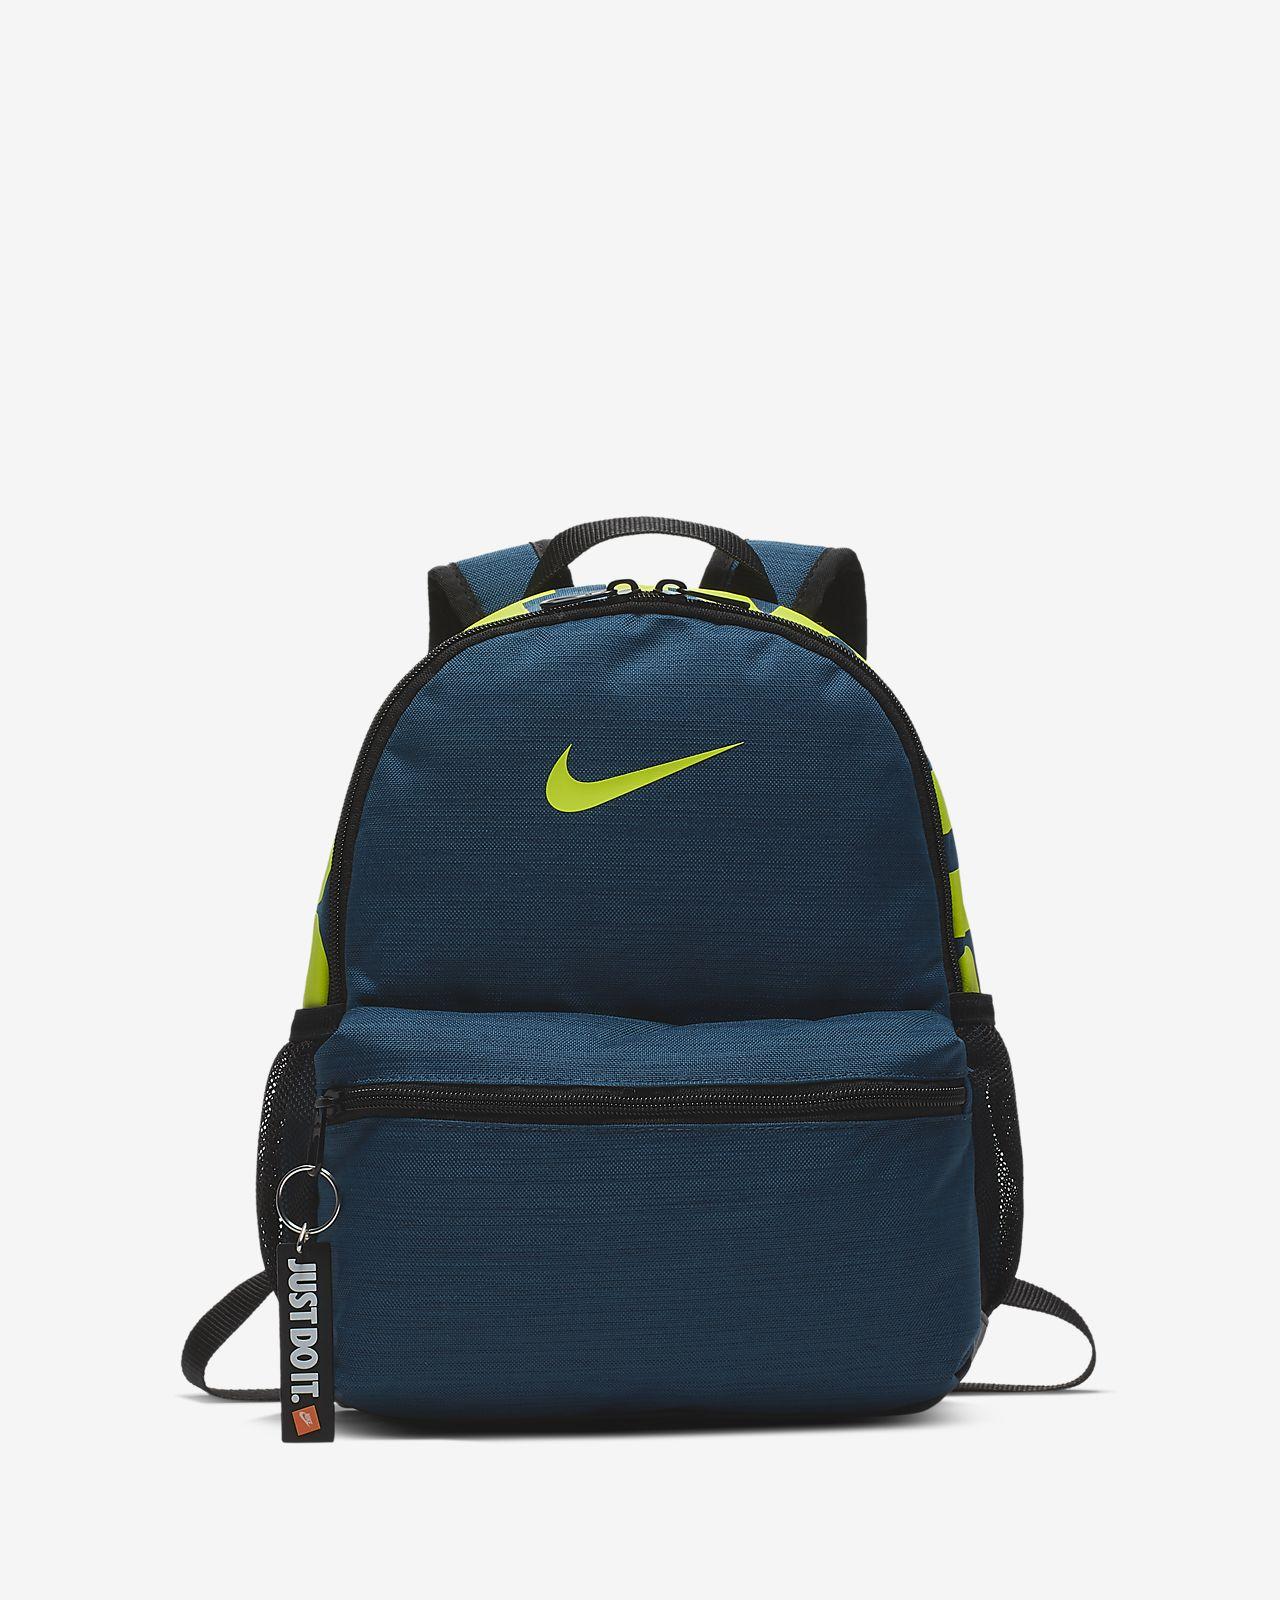 1c6d15229430f Plecak dziecięcy Nike Brasilia Just Do It (Mini). Nike.com PL